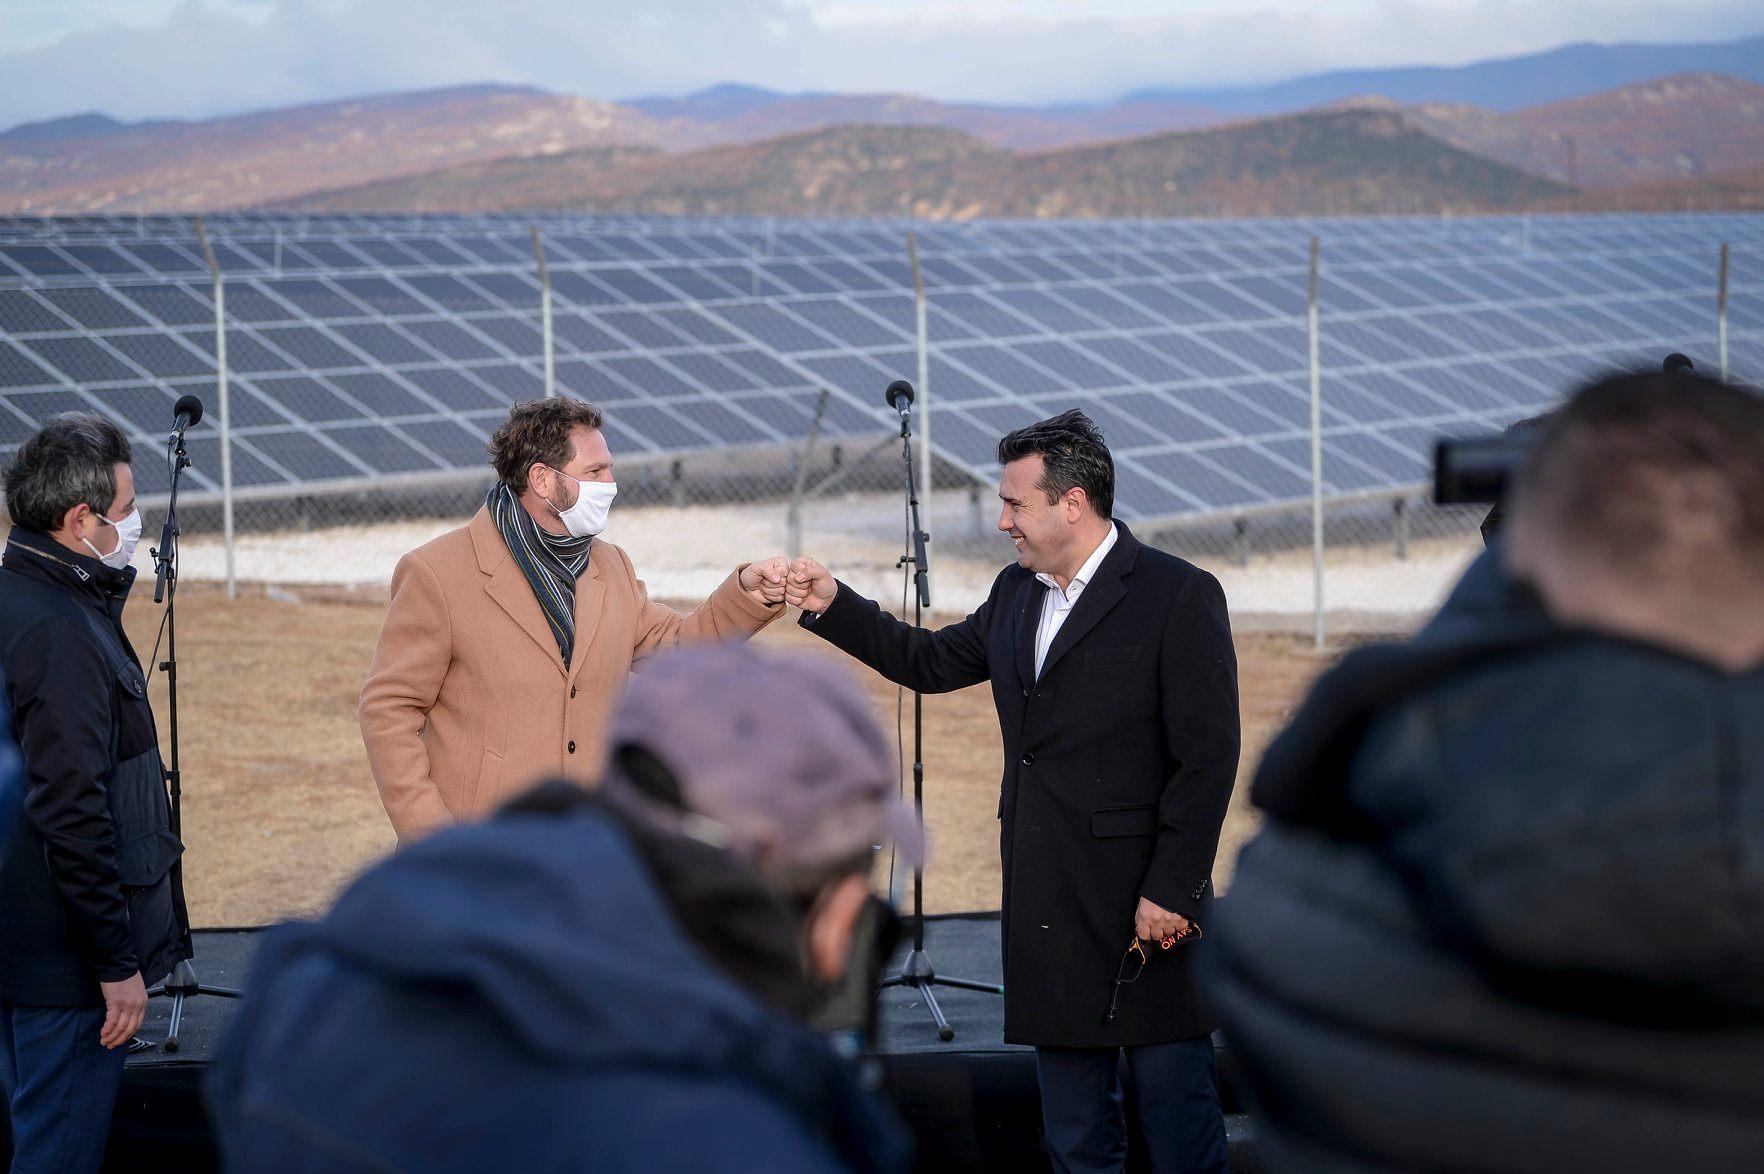 ЕВН Македонија ја изгради првата фотонапонската централа од двострани панели во земјата